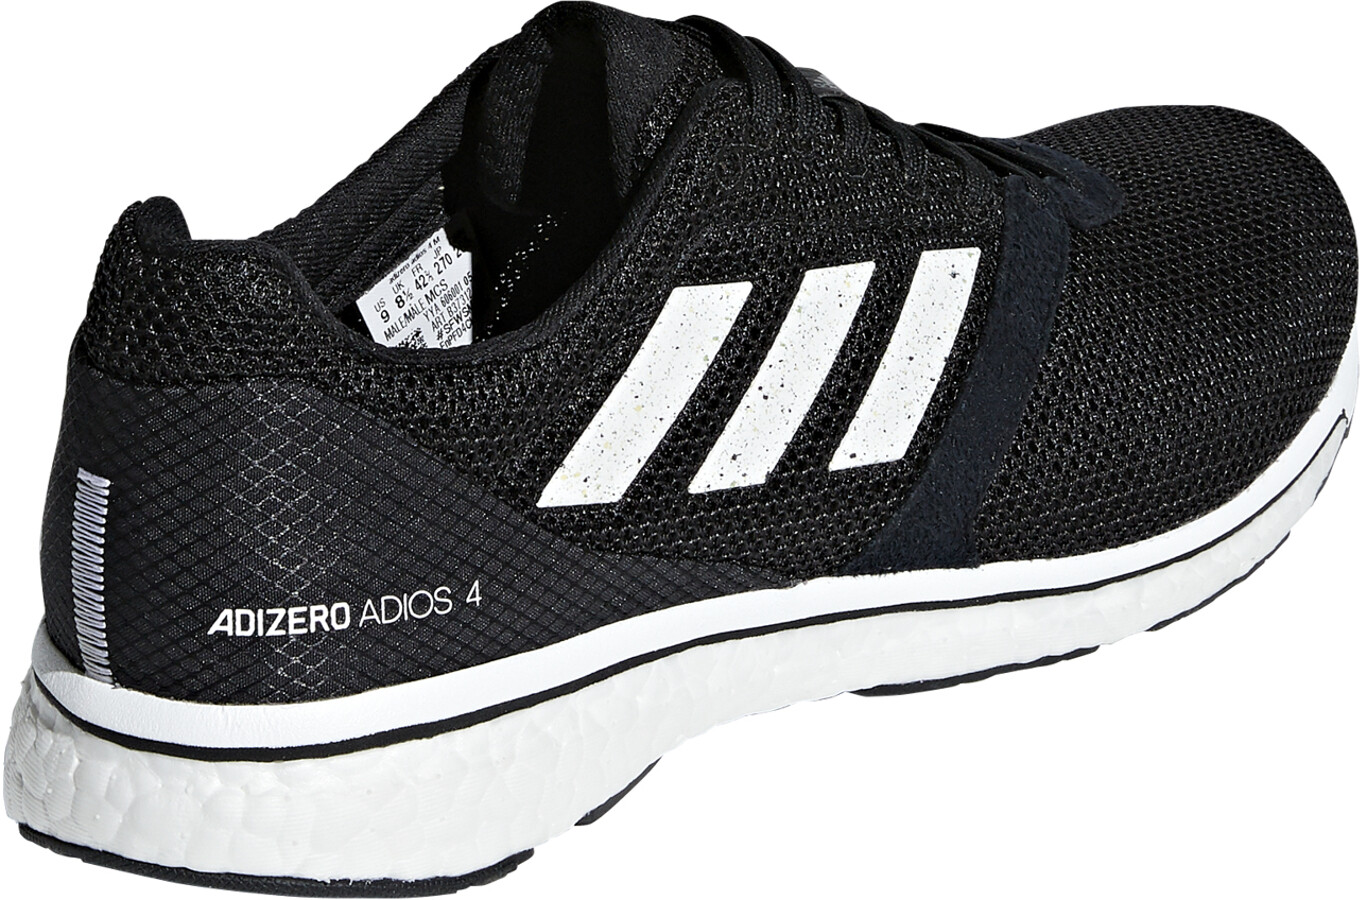 new products dfd62 c49aa adidas Adizero Adios 4 scarpe da corsa Uomo nero